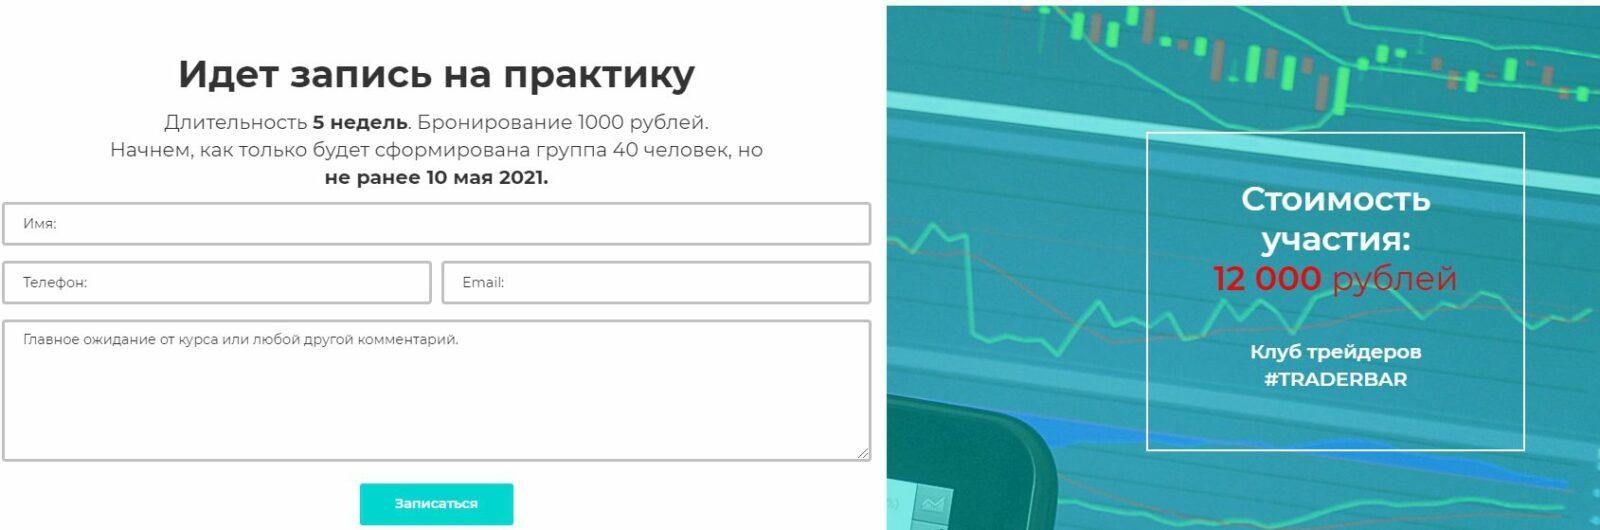 Стоимость участия в Trader Bar Ильдара Нургалиева